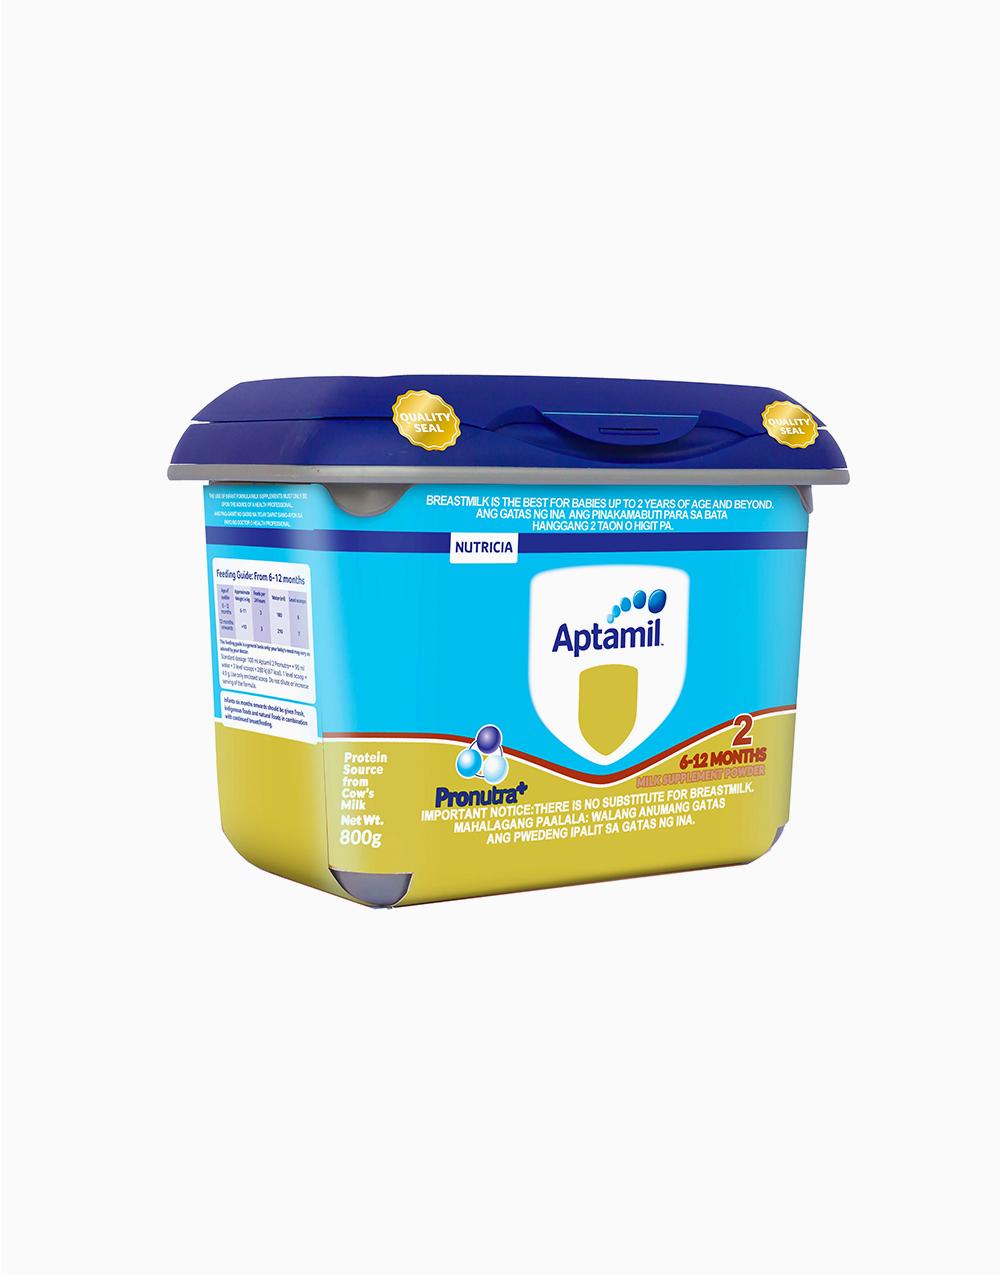 Aptamil Pronutra+ 2 (800g) by Nutricia